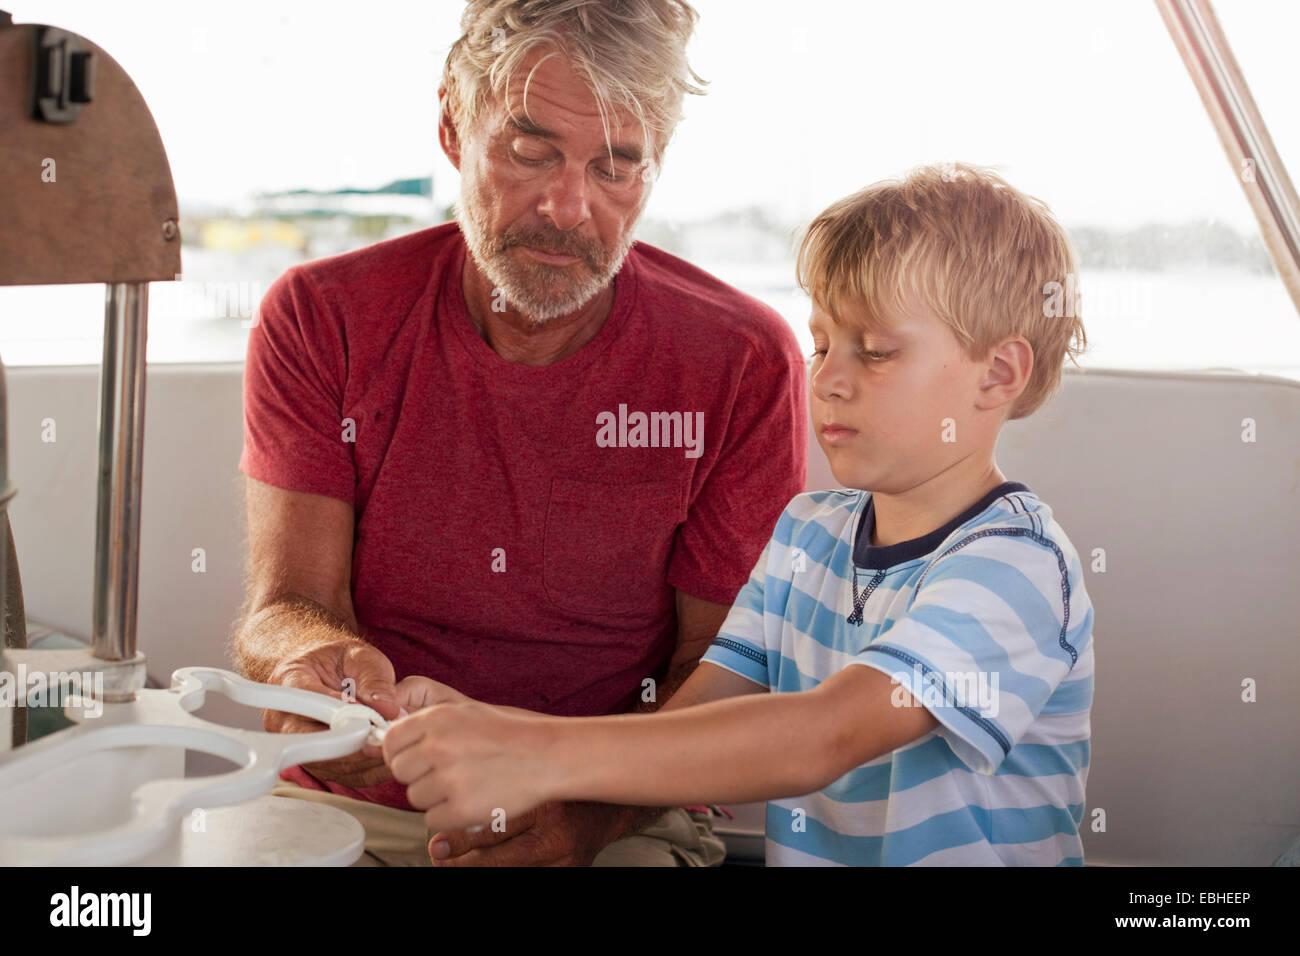 Nonno nipote di insegnamento di legare nodi in barca a vela Immagini Stock